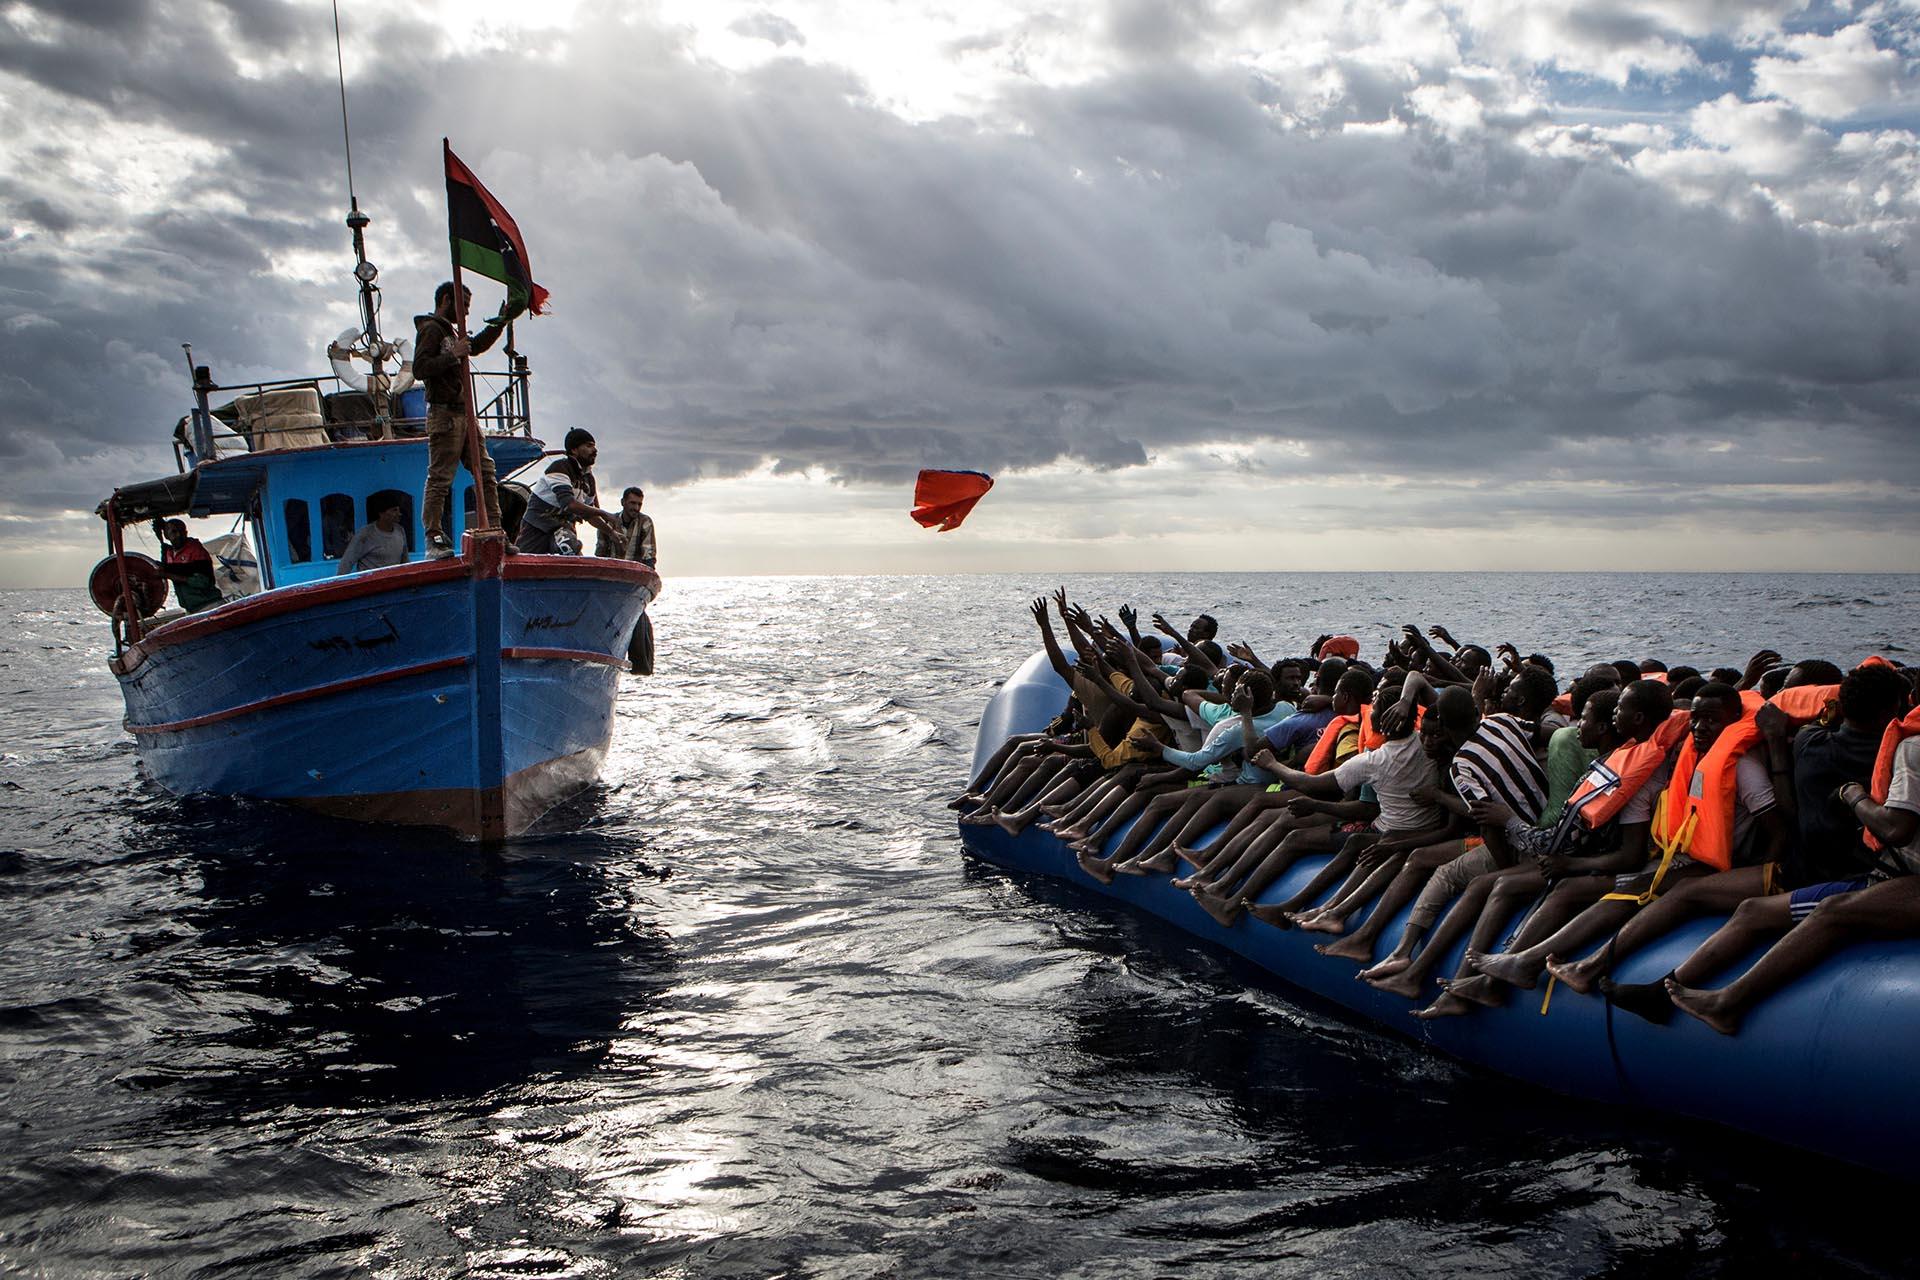 Spot News, tercer premio. Pescadores libios arrojan chalecos salvavidas a un precario bote lleno de migrantes. Mathieu Willcocks/MOAS.eu